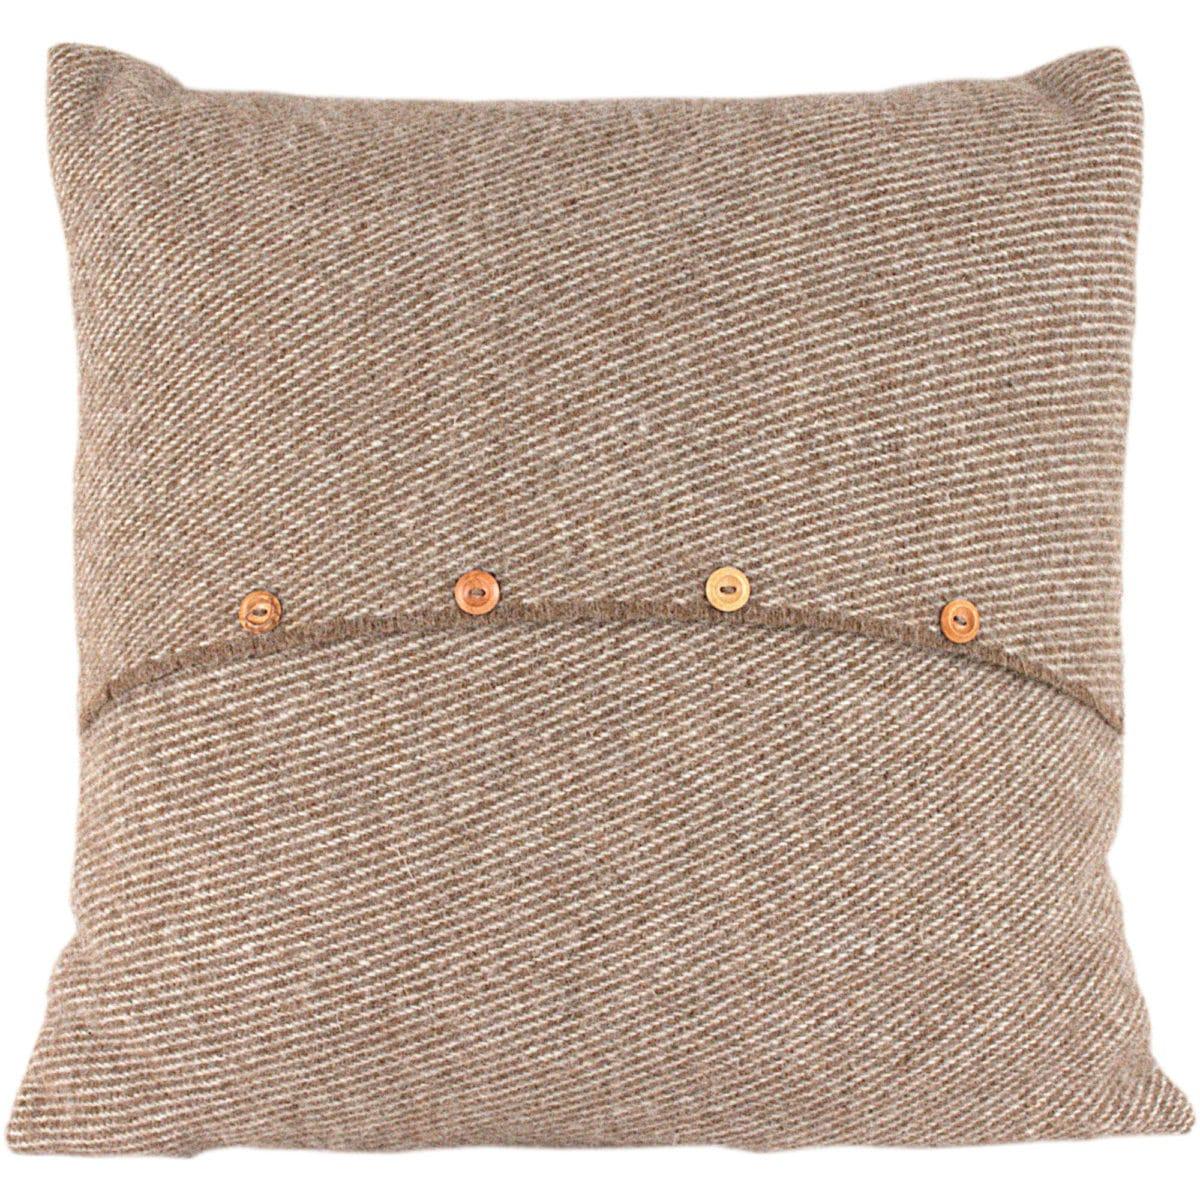 Romney Marsh Wool Cushion - Fern - 4 sizes